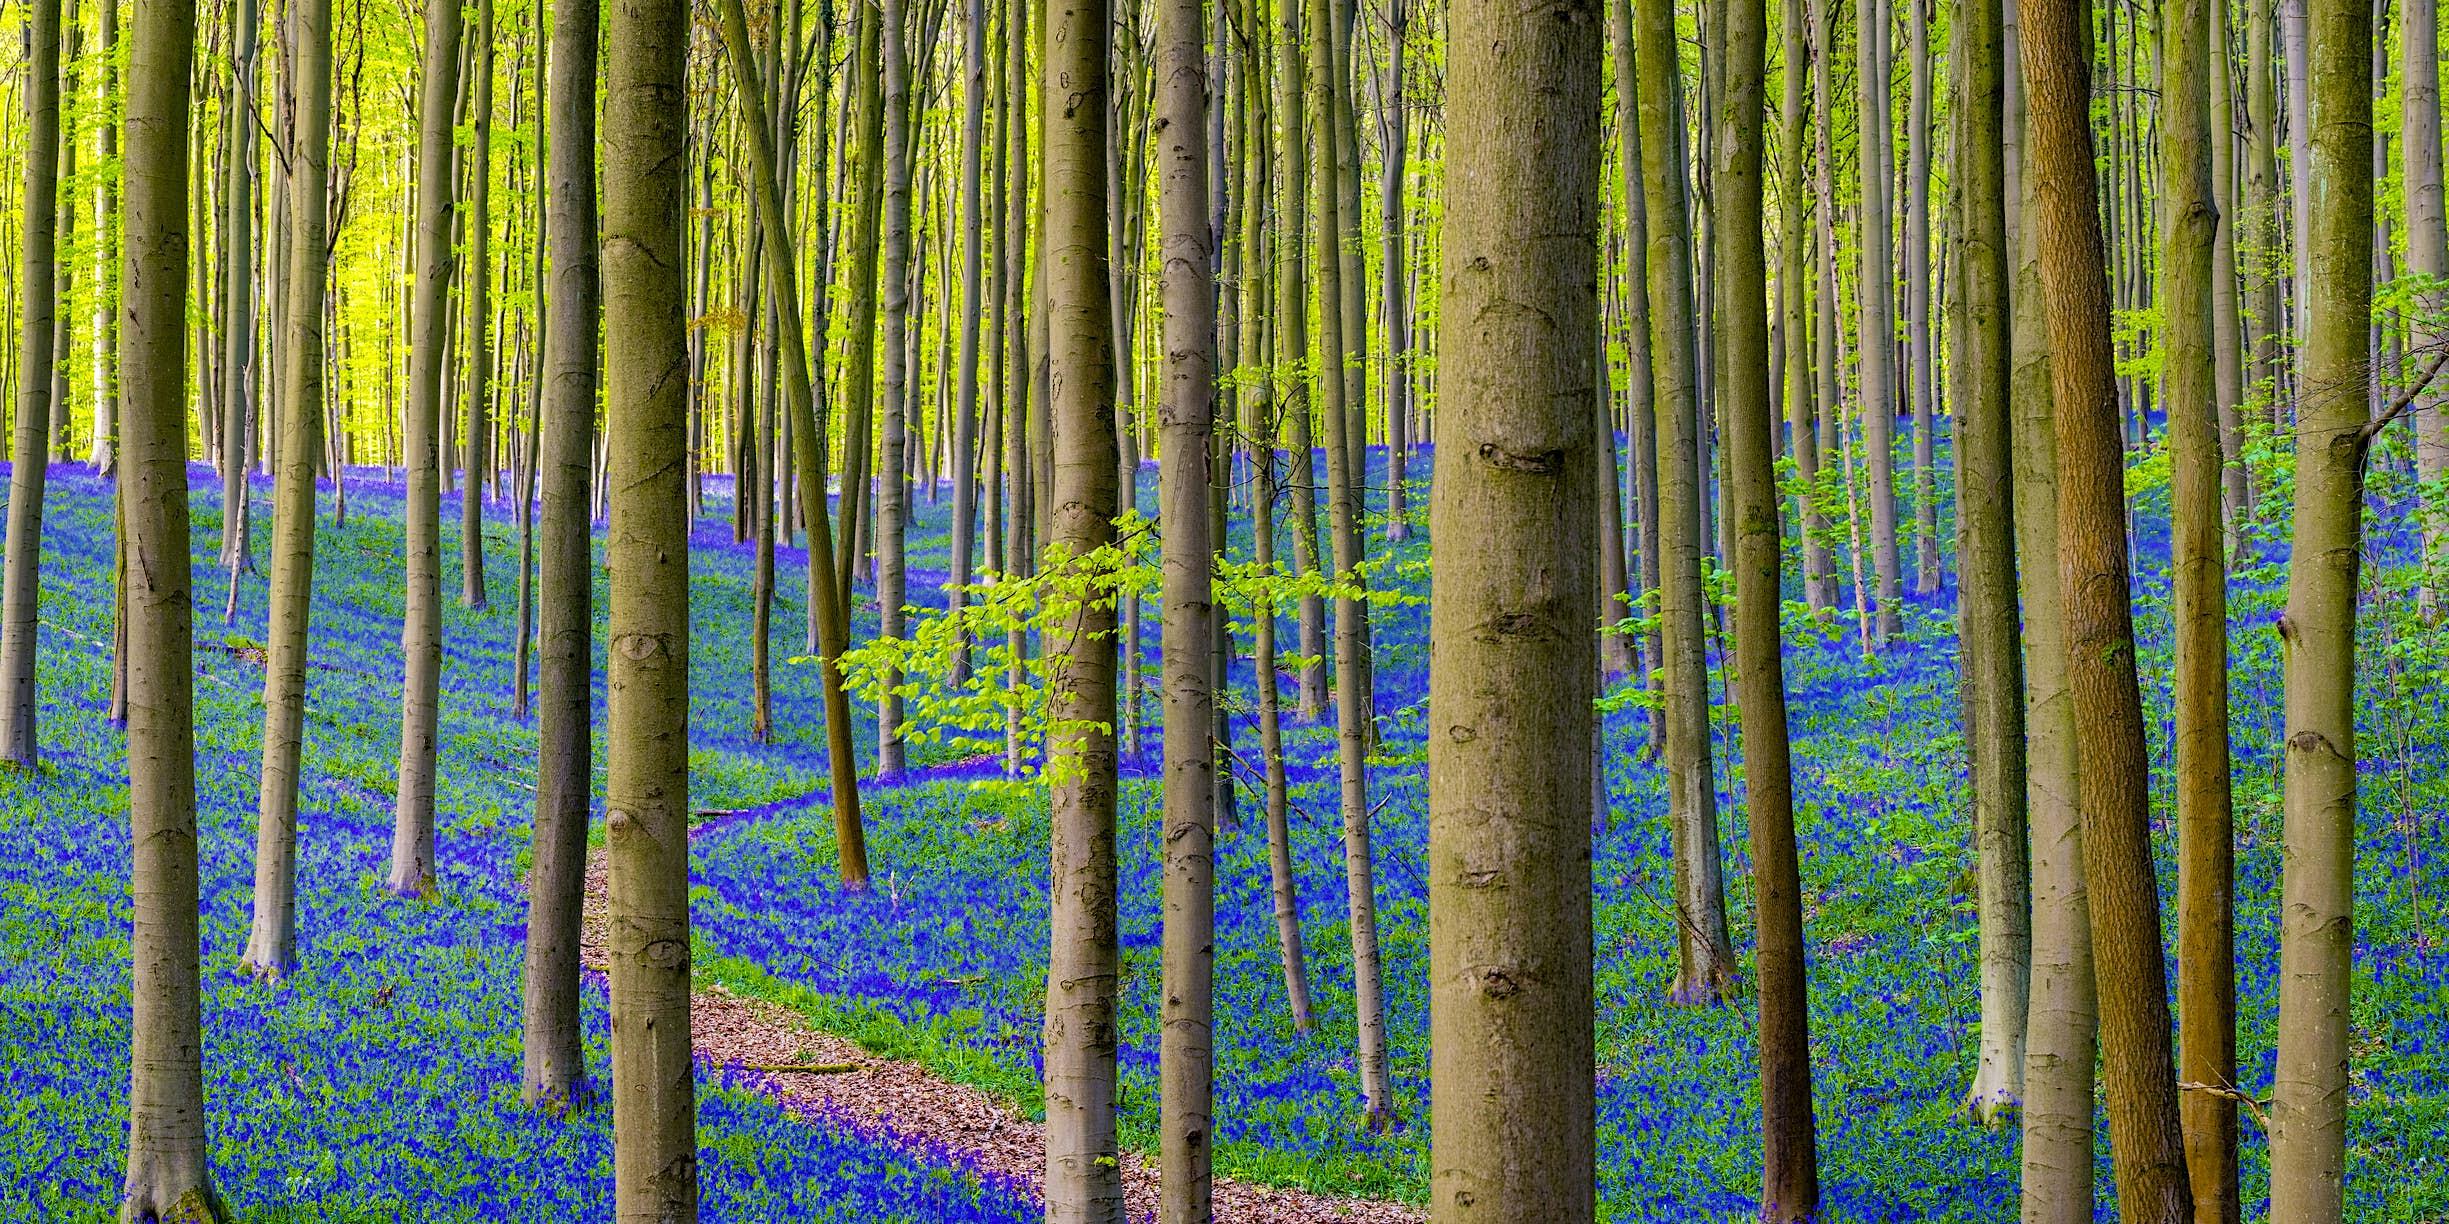 Știri de călătorie - Flori albastre în pădure de fag tare din Hallerbos